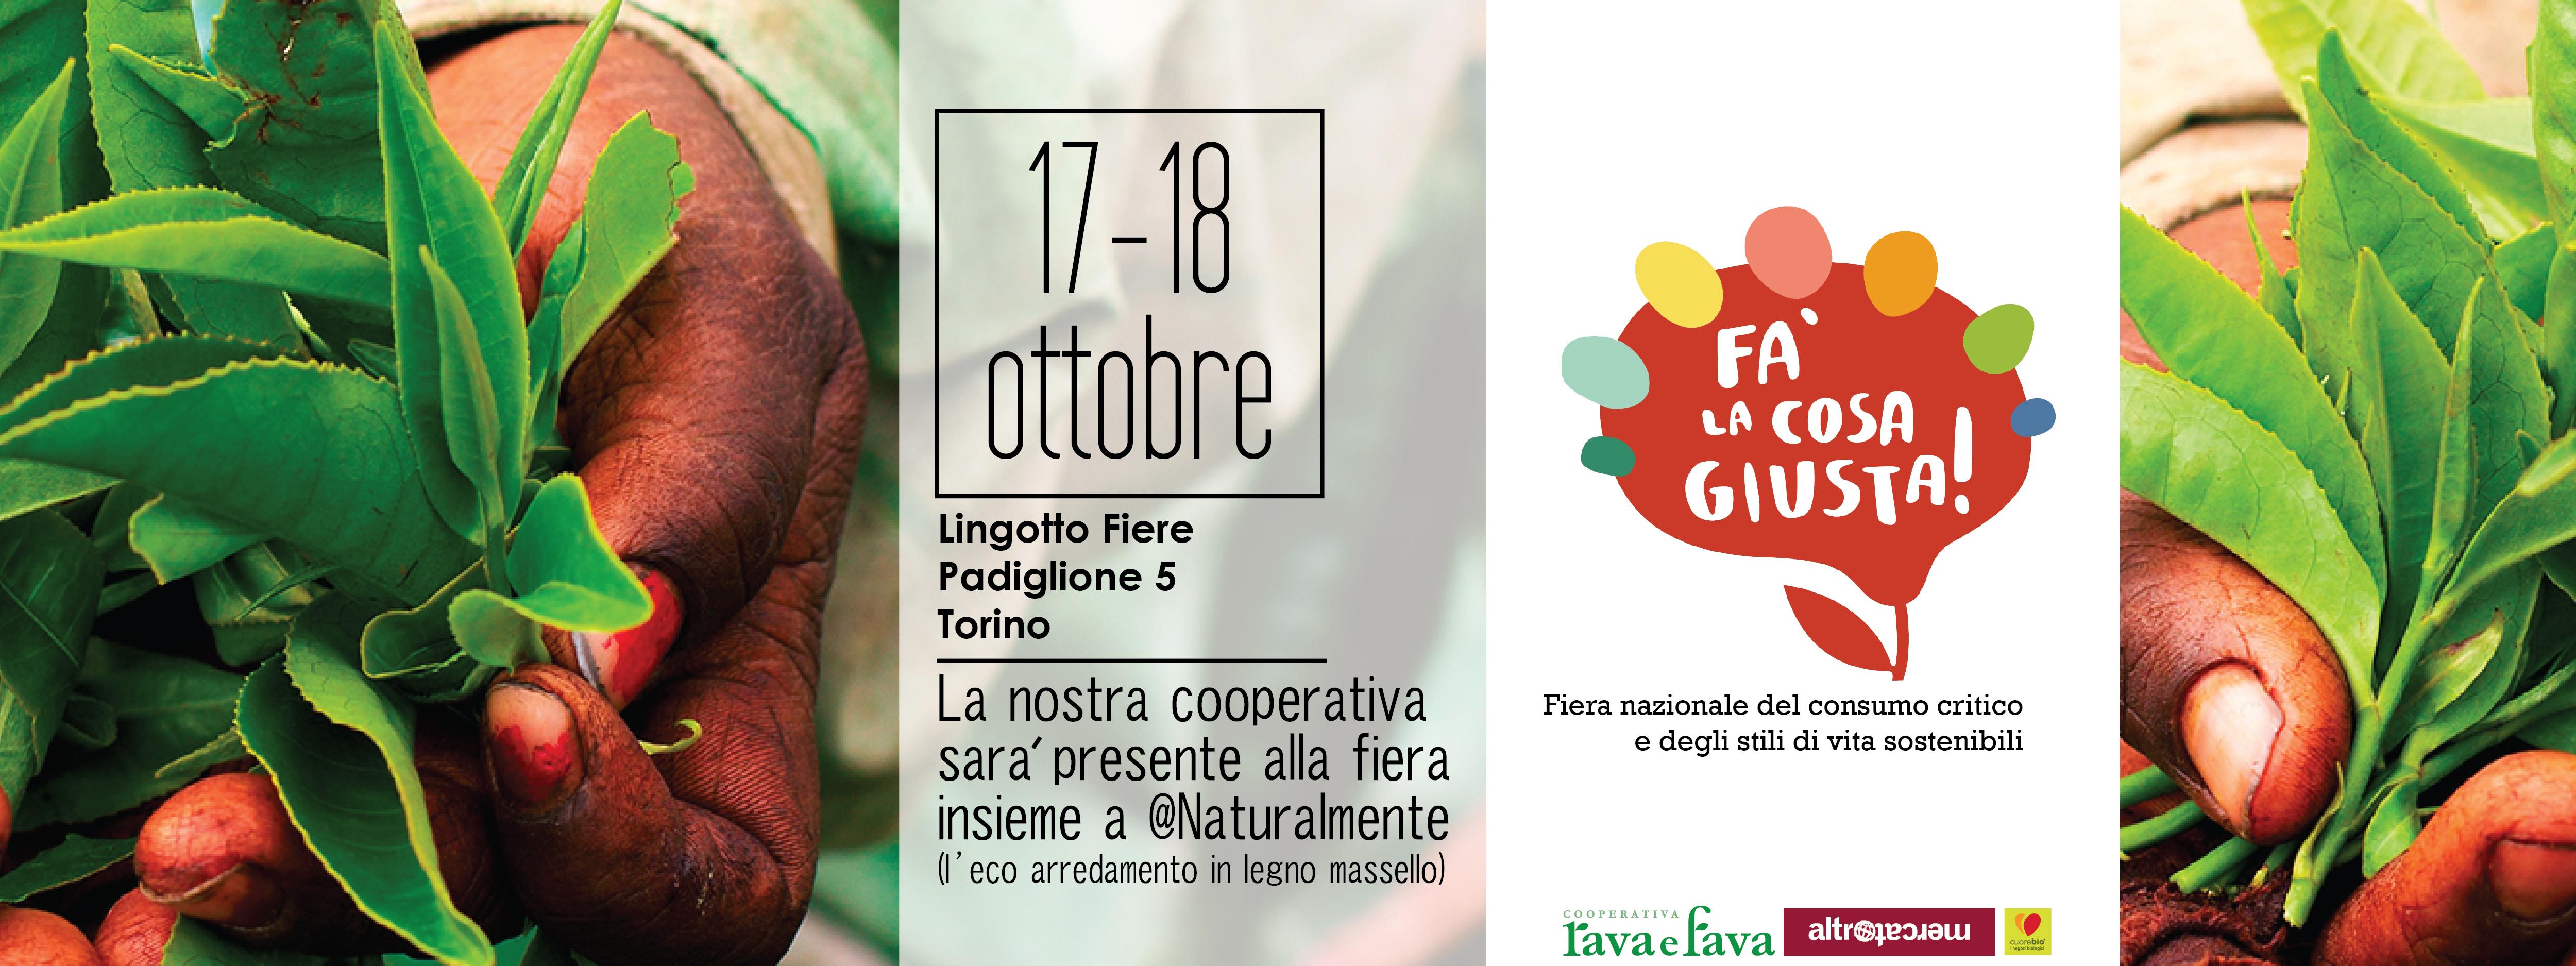 Fa La Cosa Giusta!!! 17/18 Ottobre